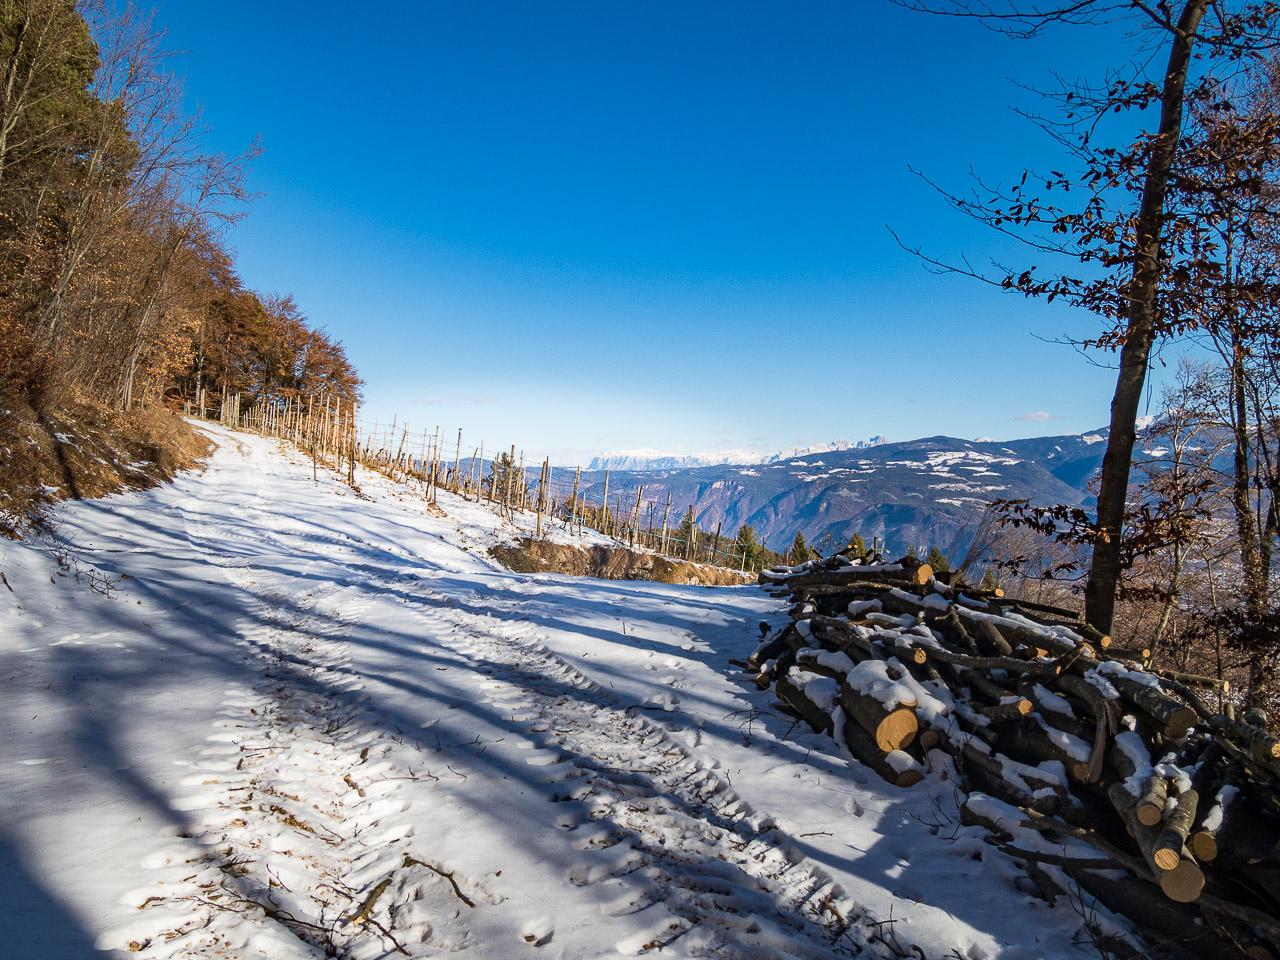 Graun im Winter - Blick zum Schlern